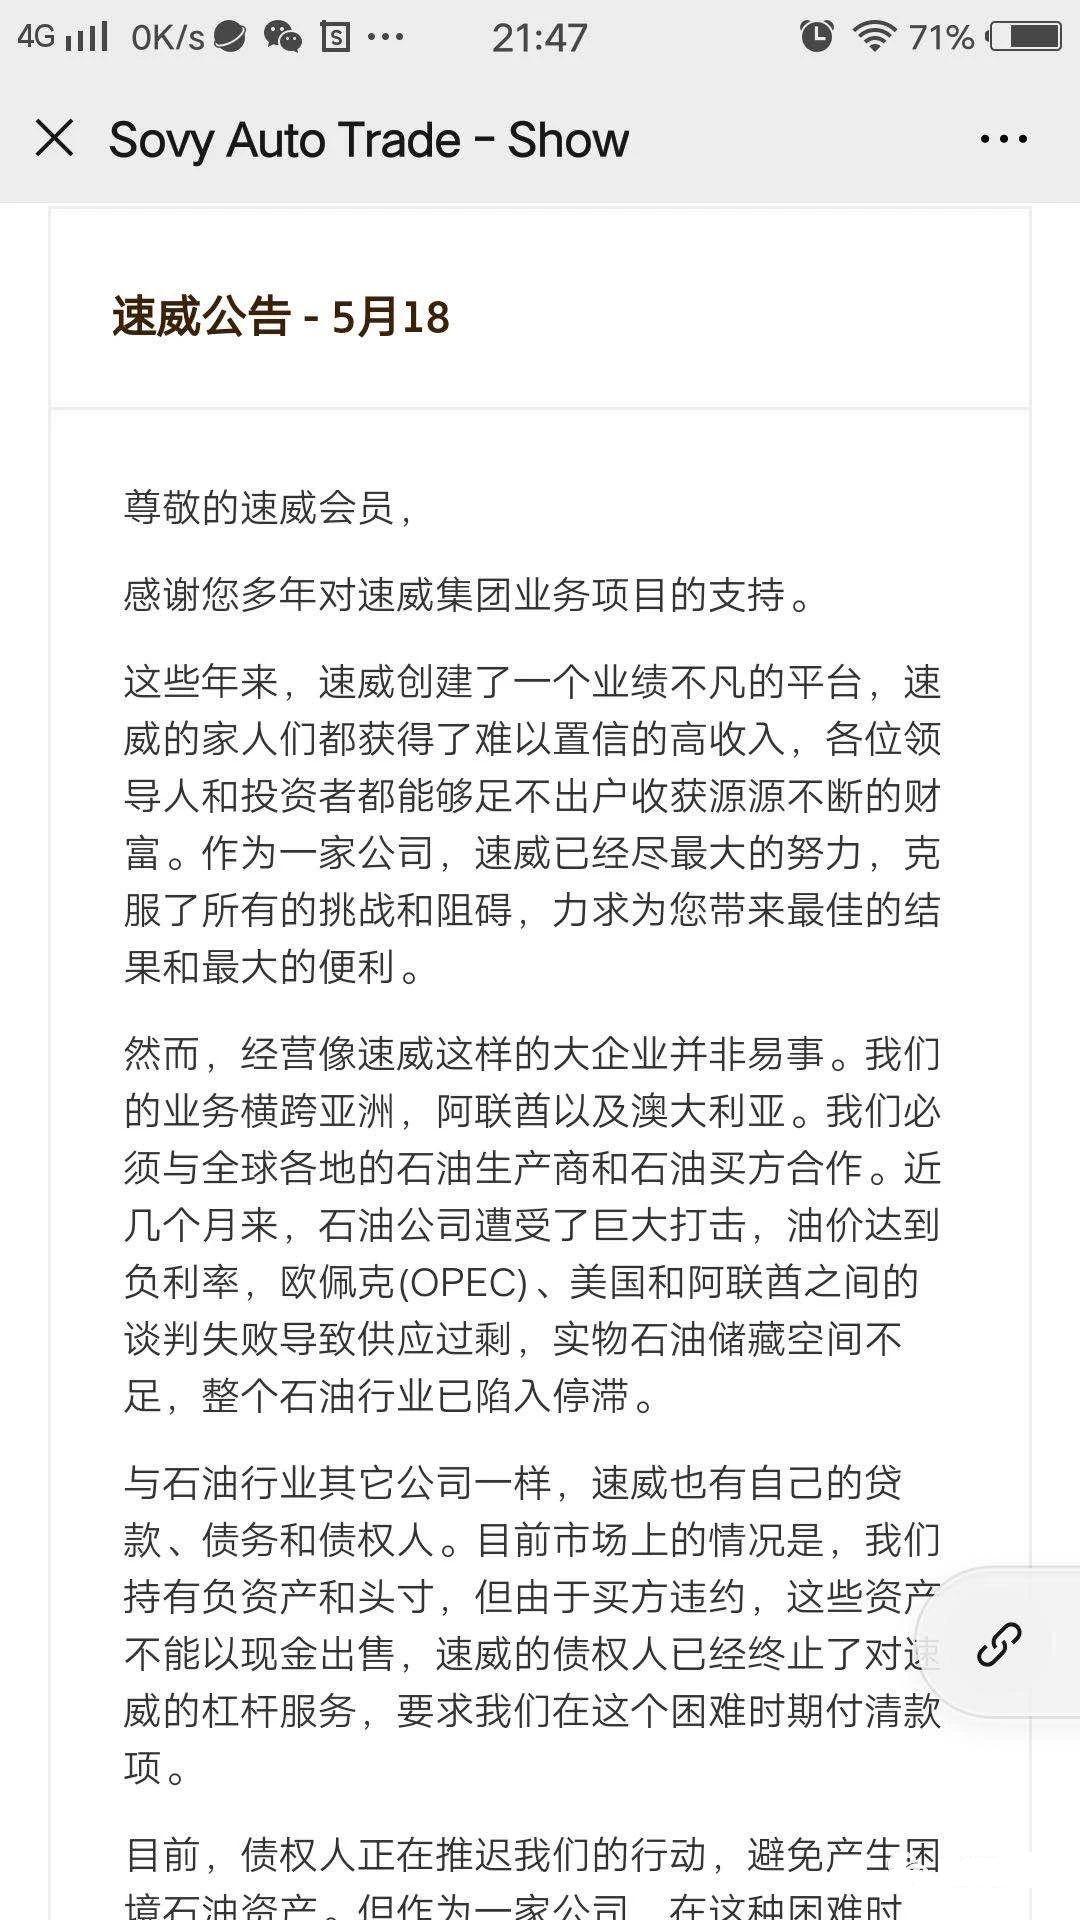 """【曝光】""""速威外汇""""圈钱30亿后续报道:已立案侦查,公司直接宣布破产,领导人大合集!"""